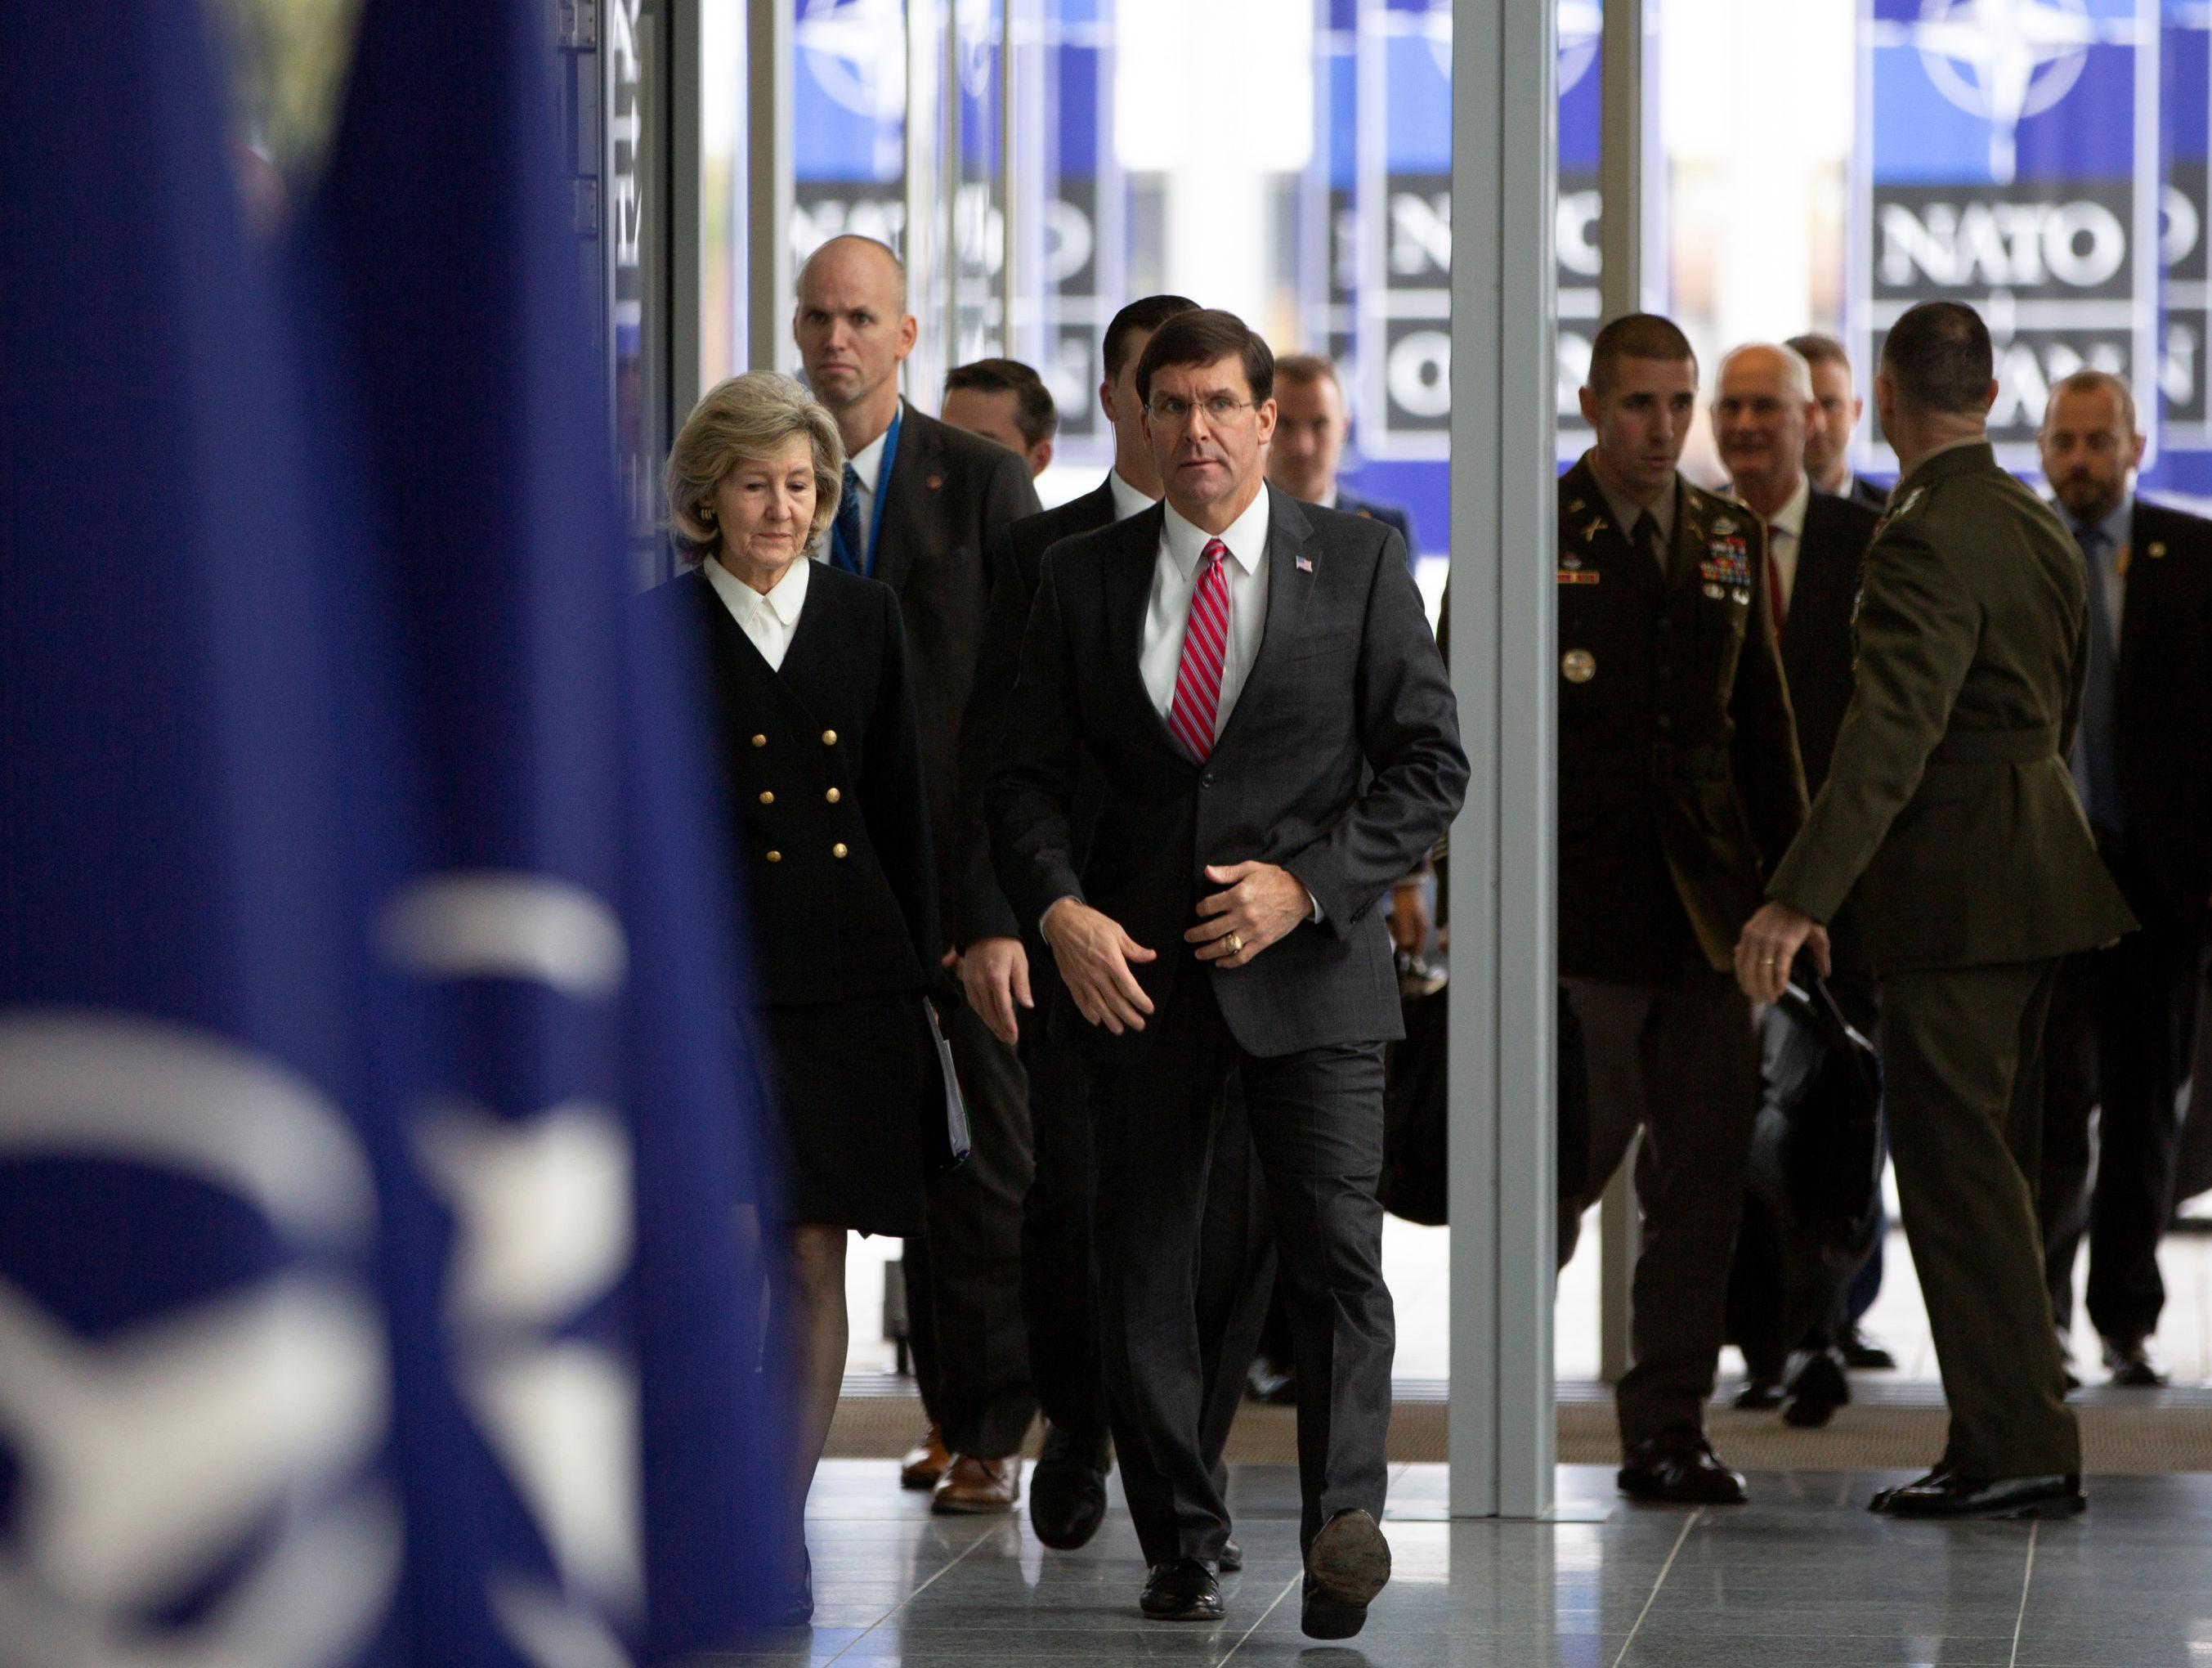 Secretário de Defesa dos EUA, Mark Spencer, chega em reunião da OTAN, em 24 de outubro de 2019. A OTAN tem 29 membros, 13 dos quais aderiram à organização após a reunificação alemã